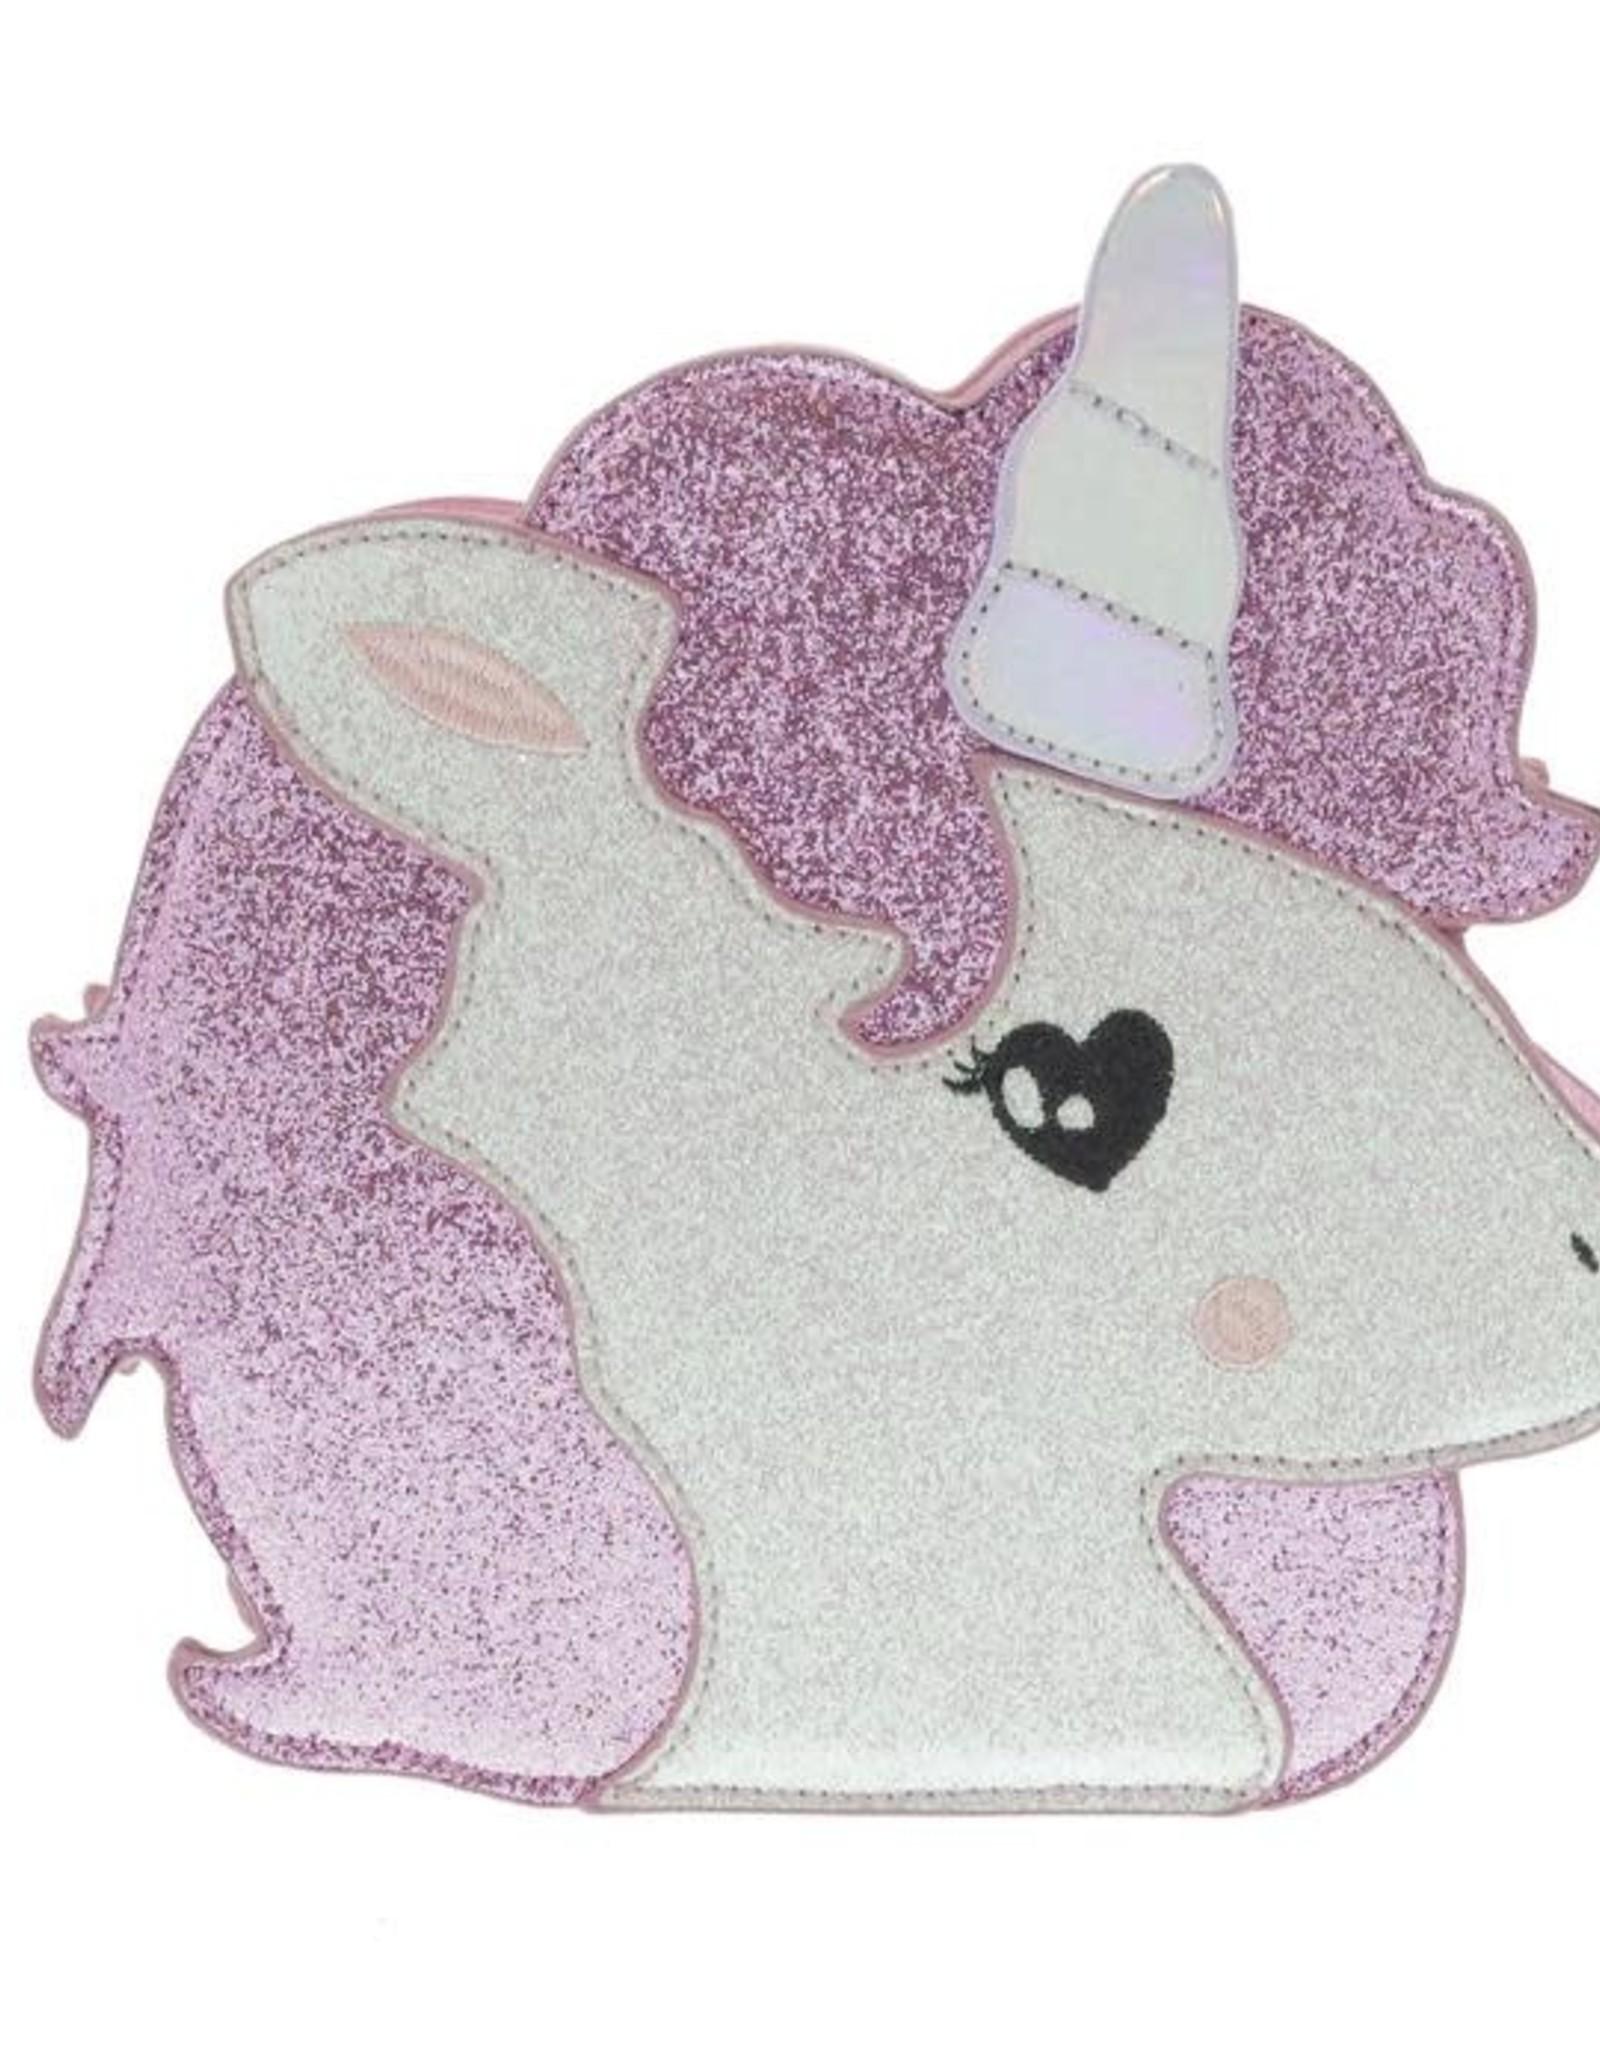 Doe a Dear Unicorn Face Glitter CB Purse